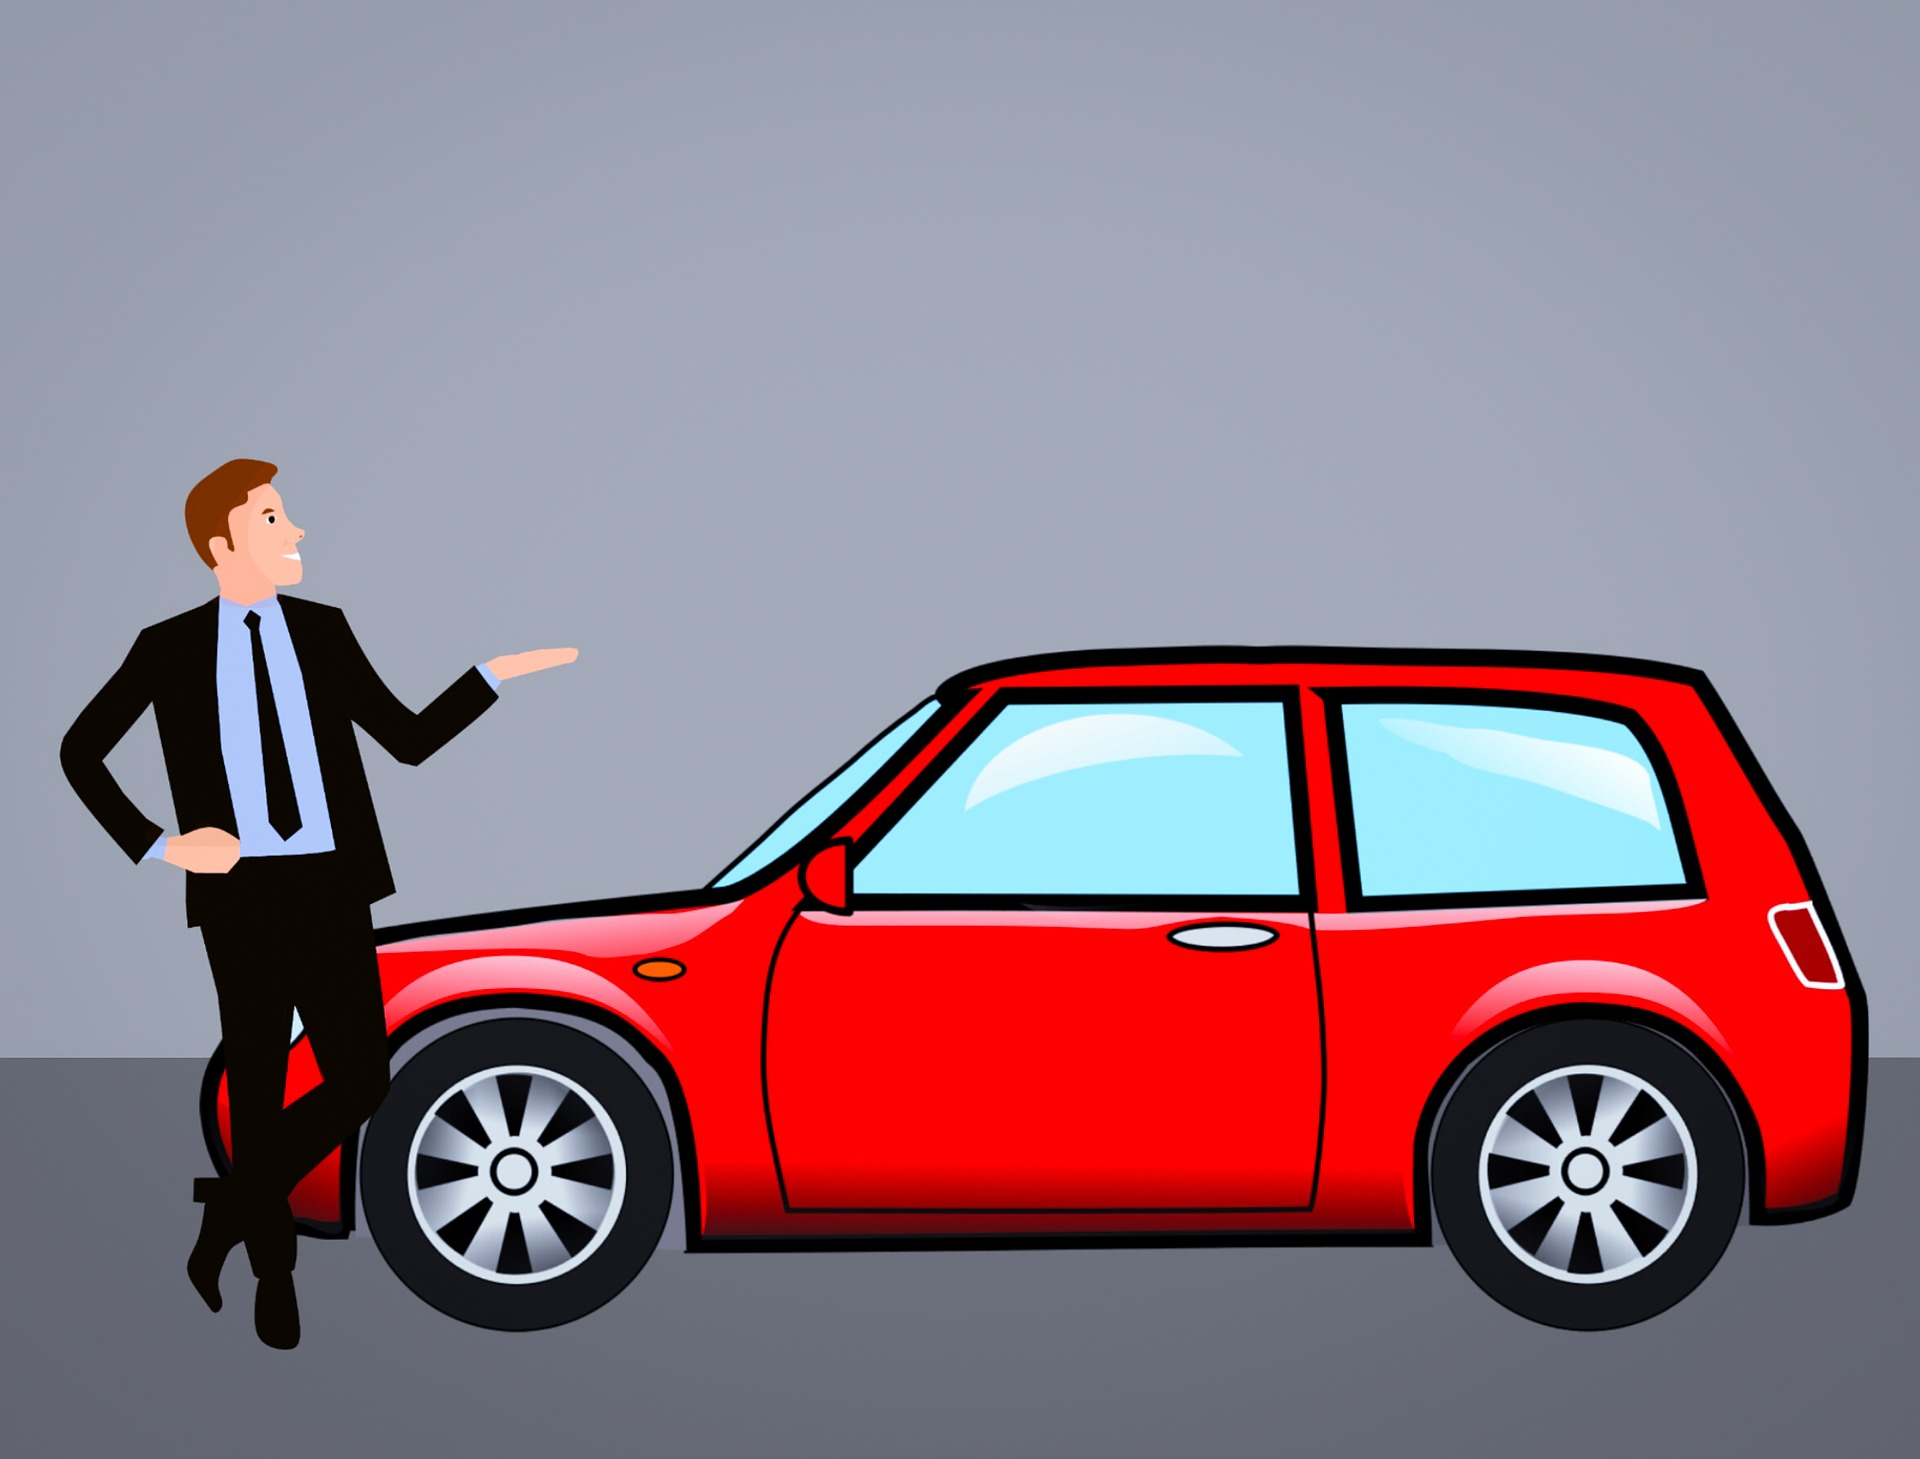 Comment Bien Vendre Sa Voiture D Occasion Nos 10 Conseils Delivauto Delivauto Rachat De Voiture Meme En Panne Moteur Hs Accidentee Sans Controle Technique